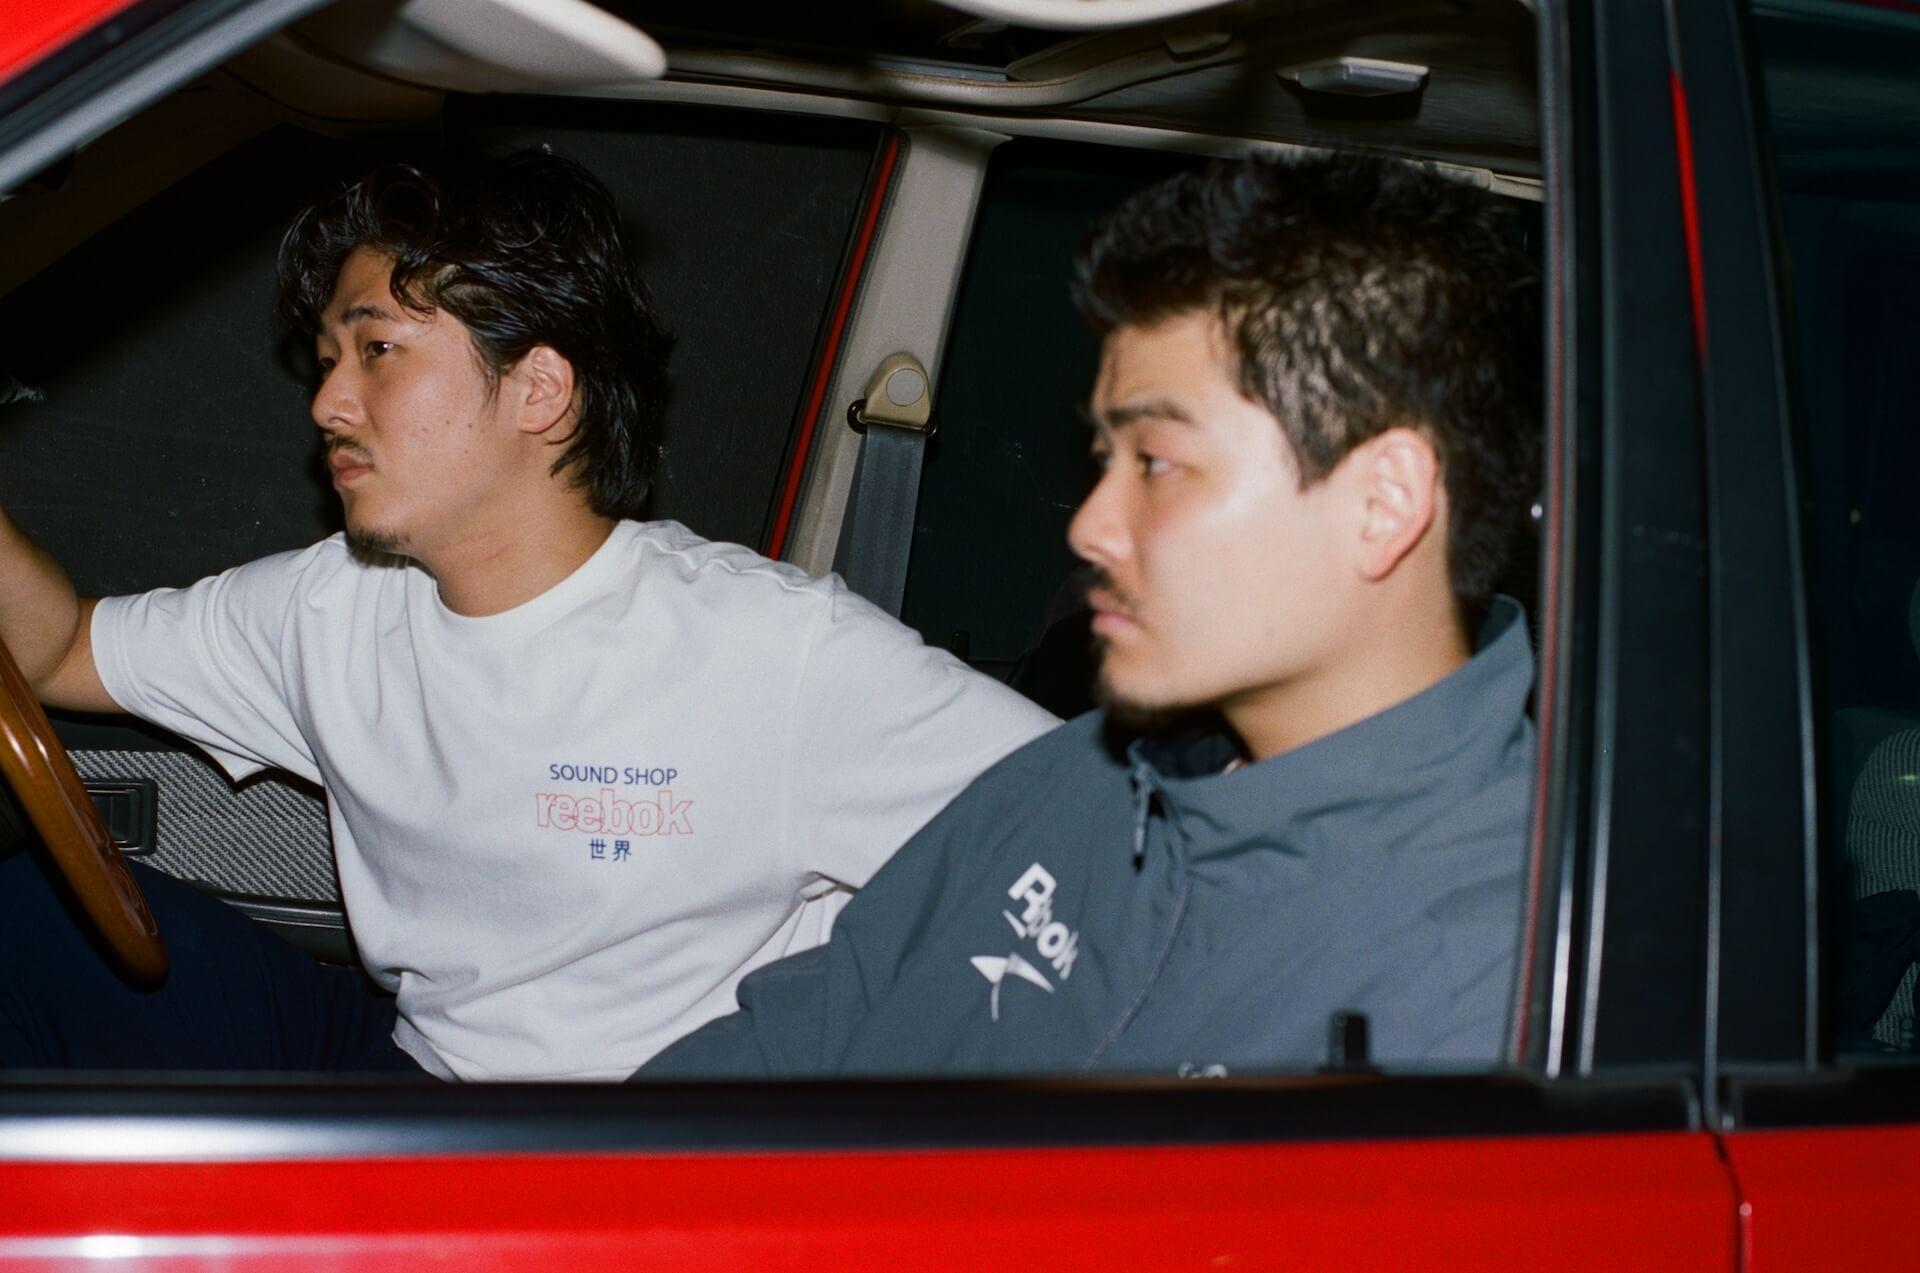 リーボックと韓国のSOUND SHOP balansaがコラボ!90年代のバスケコレクションをモチーフにしたClub Cが発売中 life211005_reebok_balansa_13